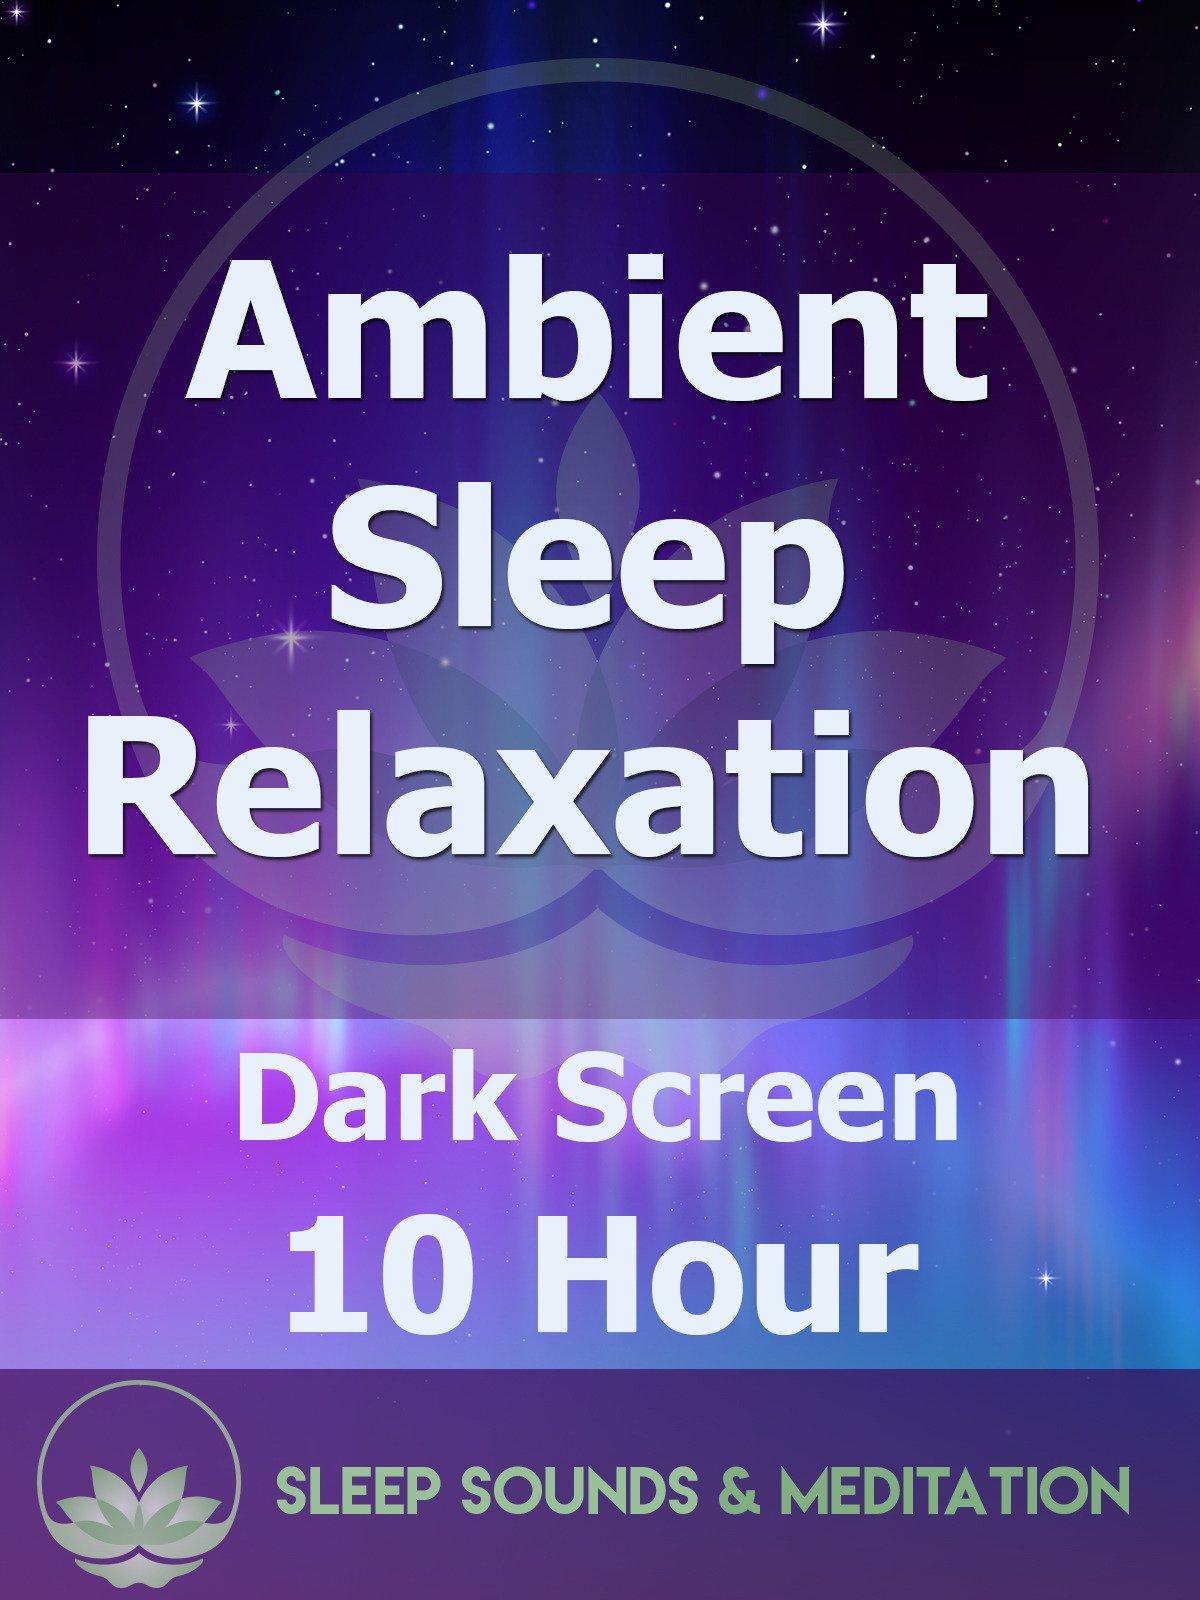 Ambient Sleep Meditation